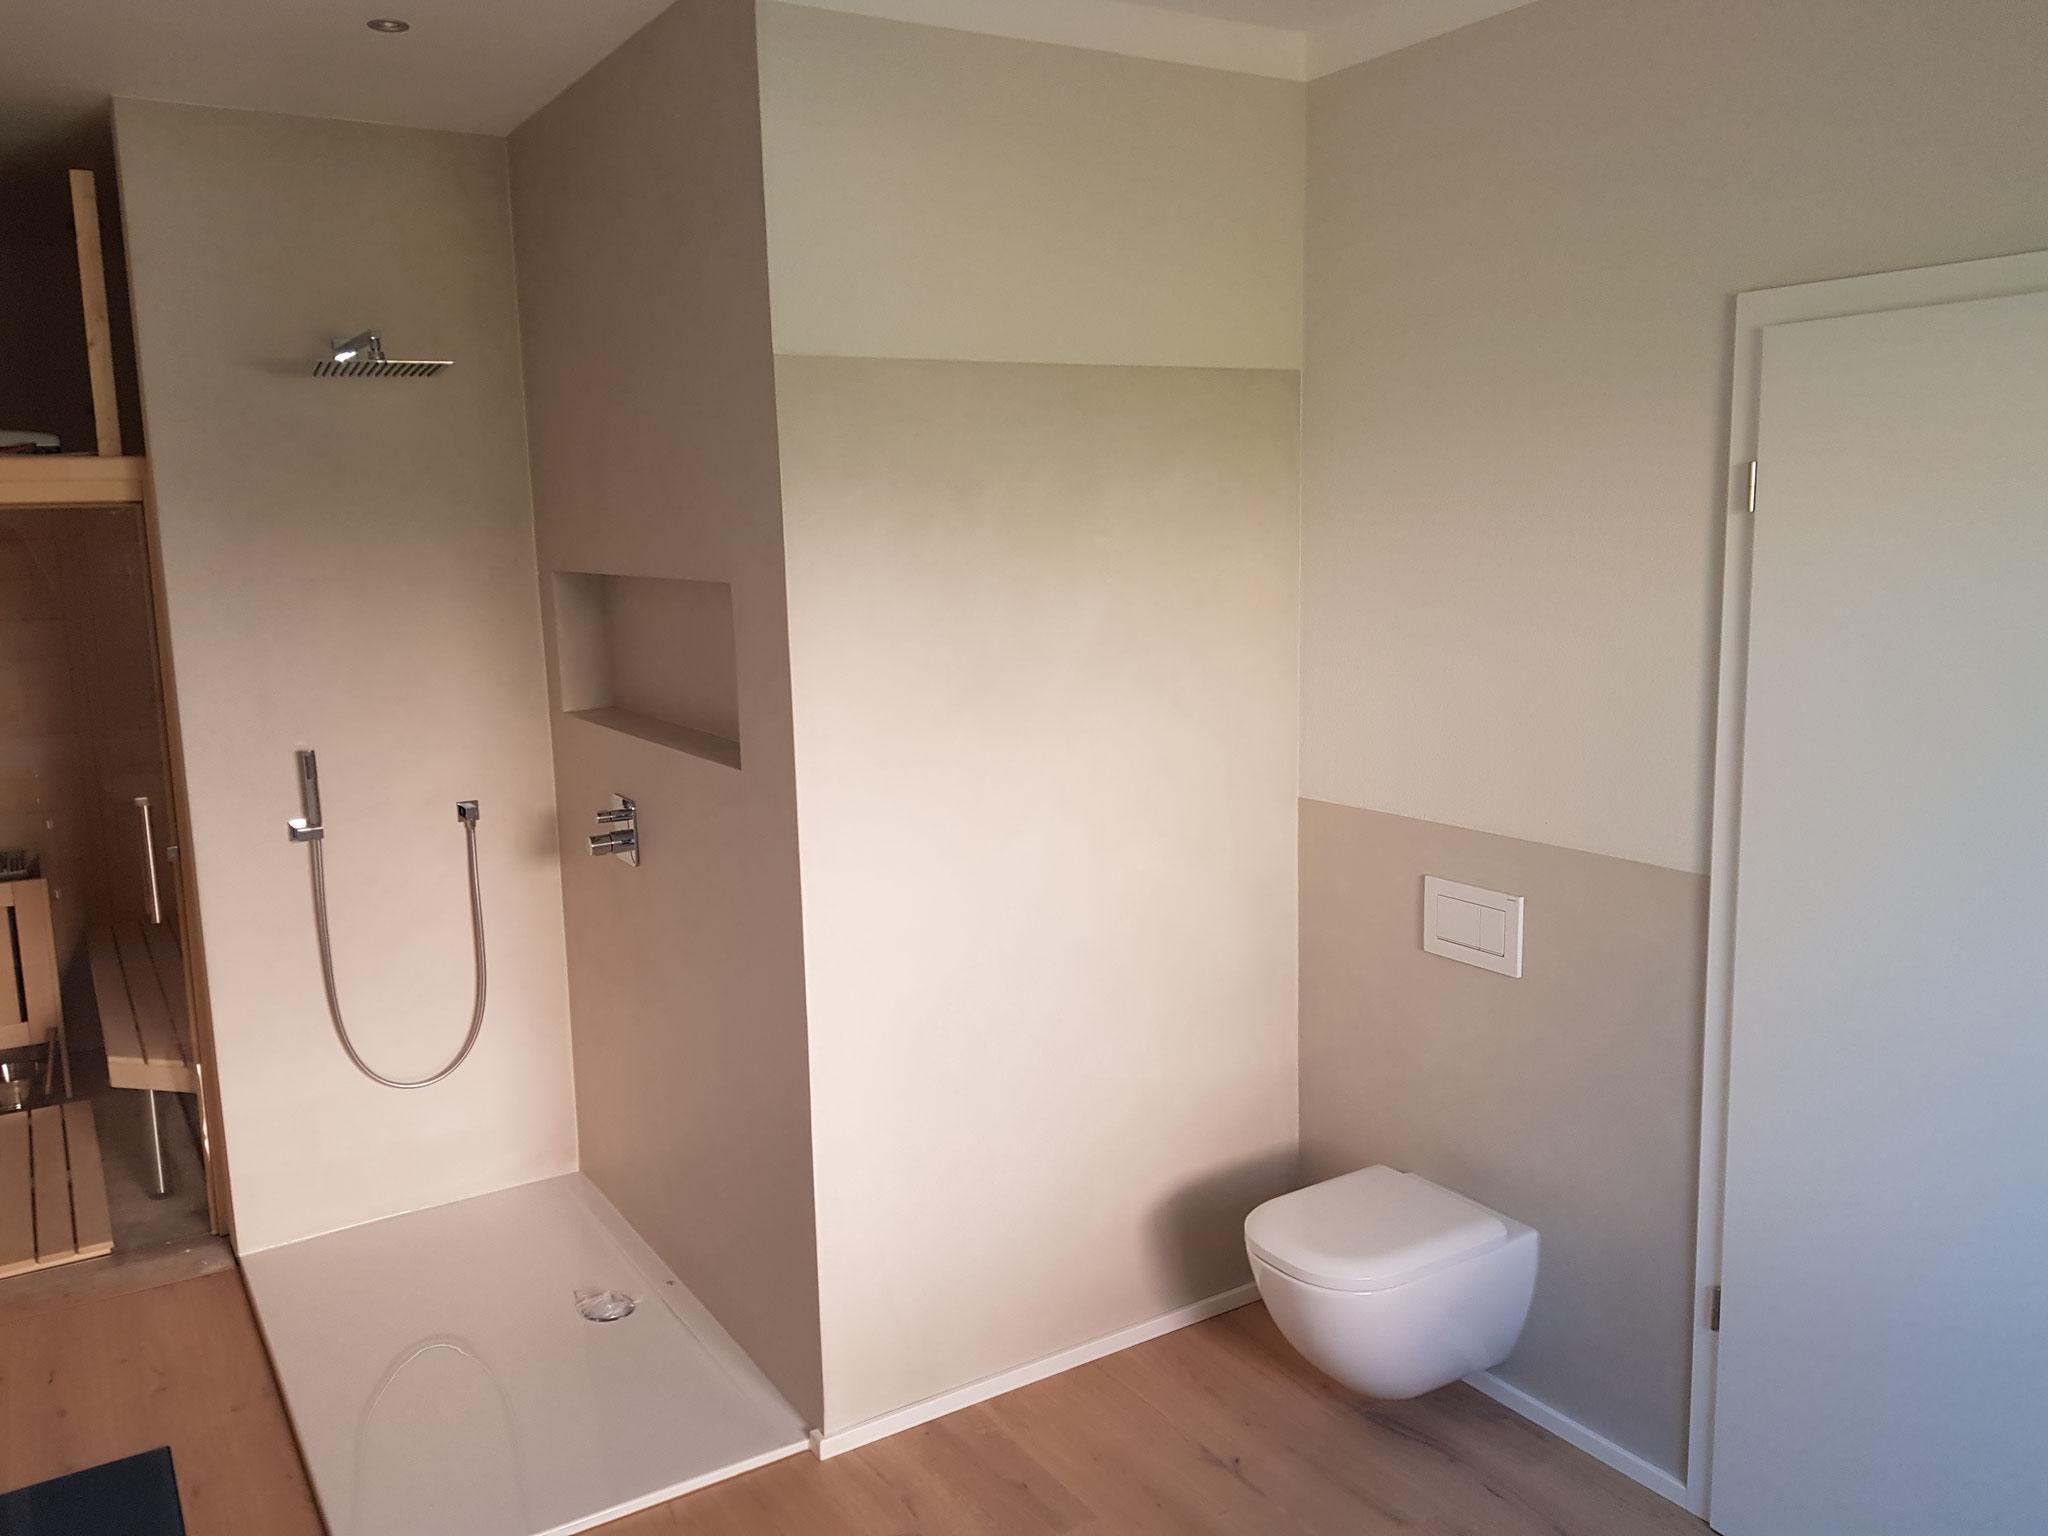 Bad mit gespachtelten Wänden